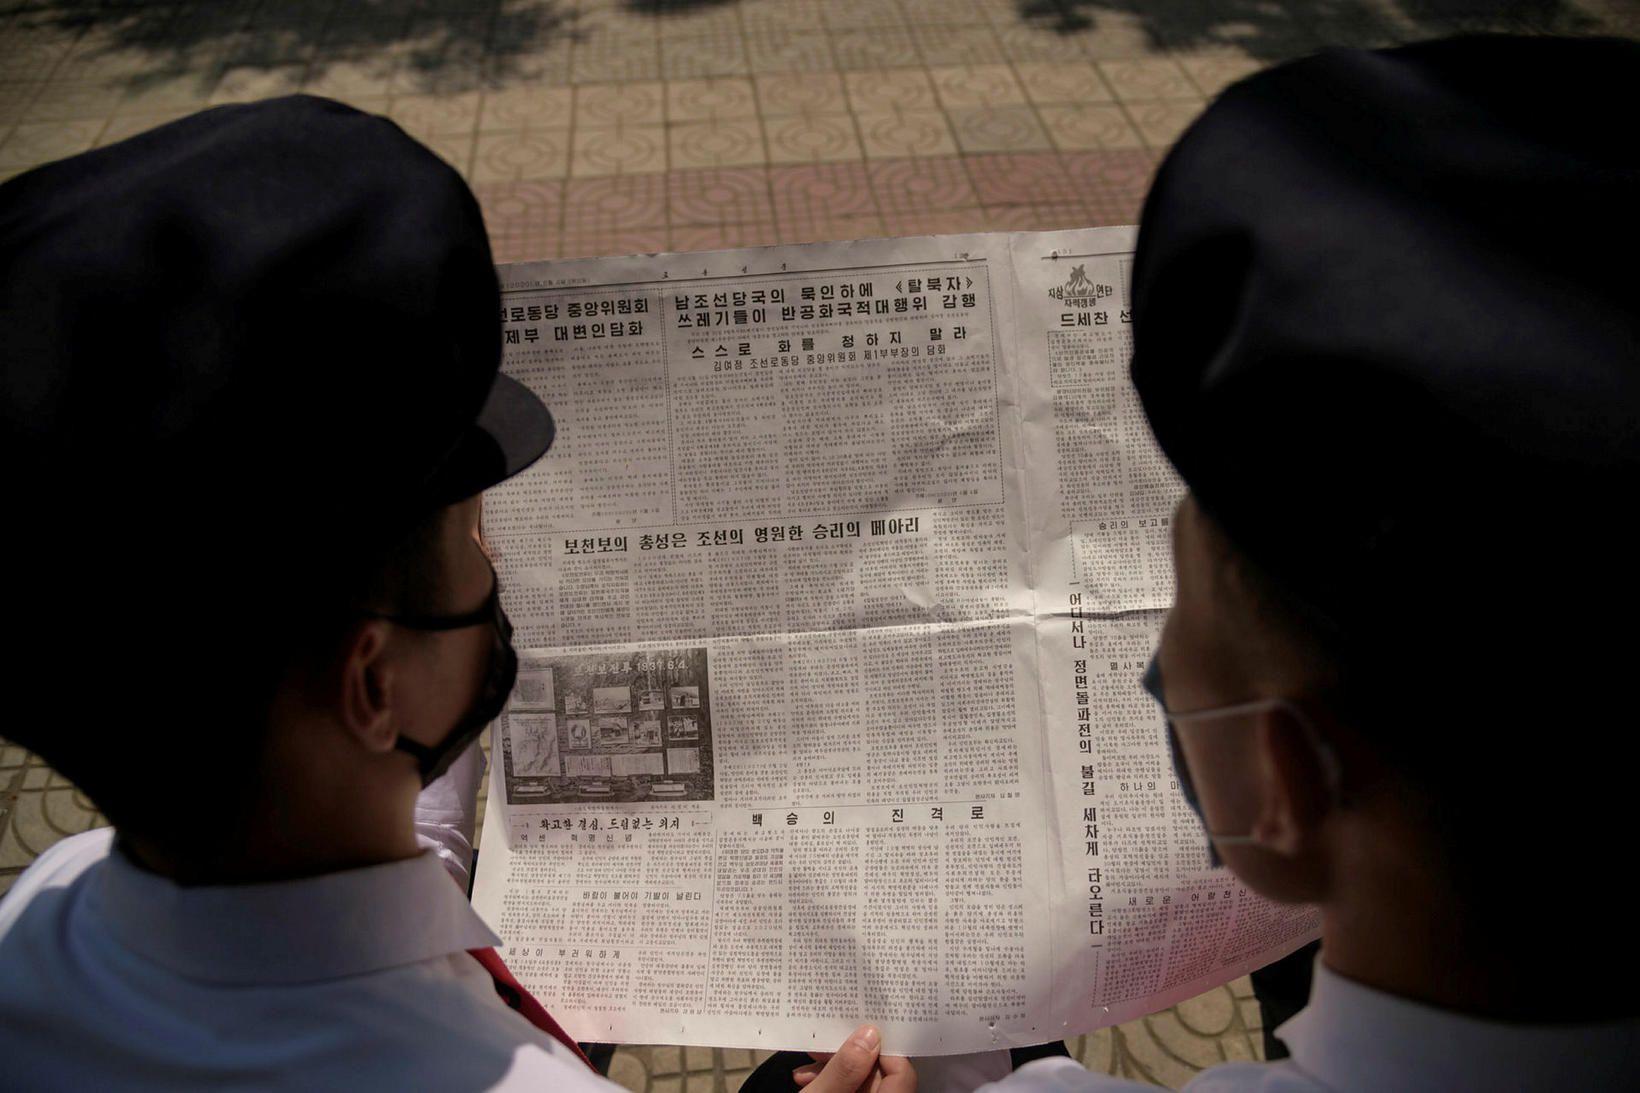 Nemar við Pyongyang-háskóla lesa ríkisfréttablaðið þar sem áróðursbæklingar frá Suður-Kóreu …